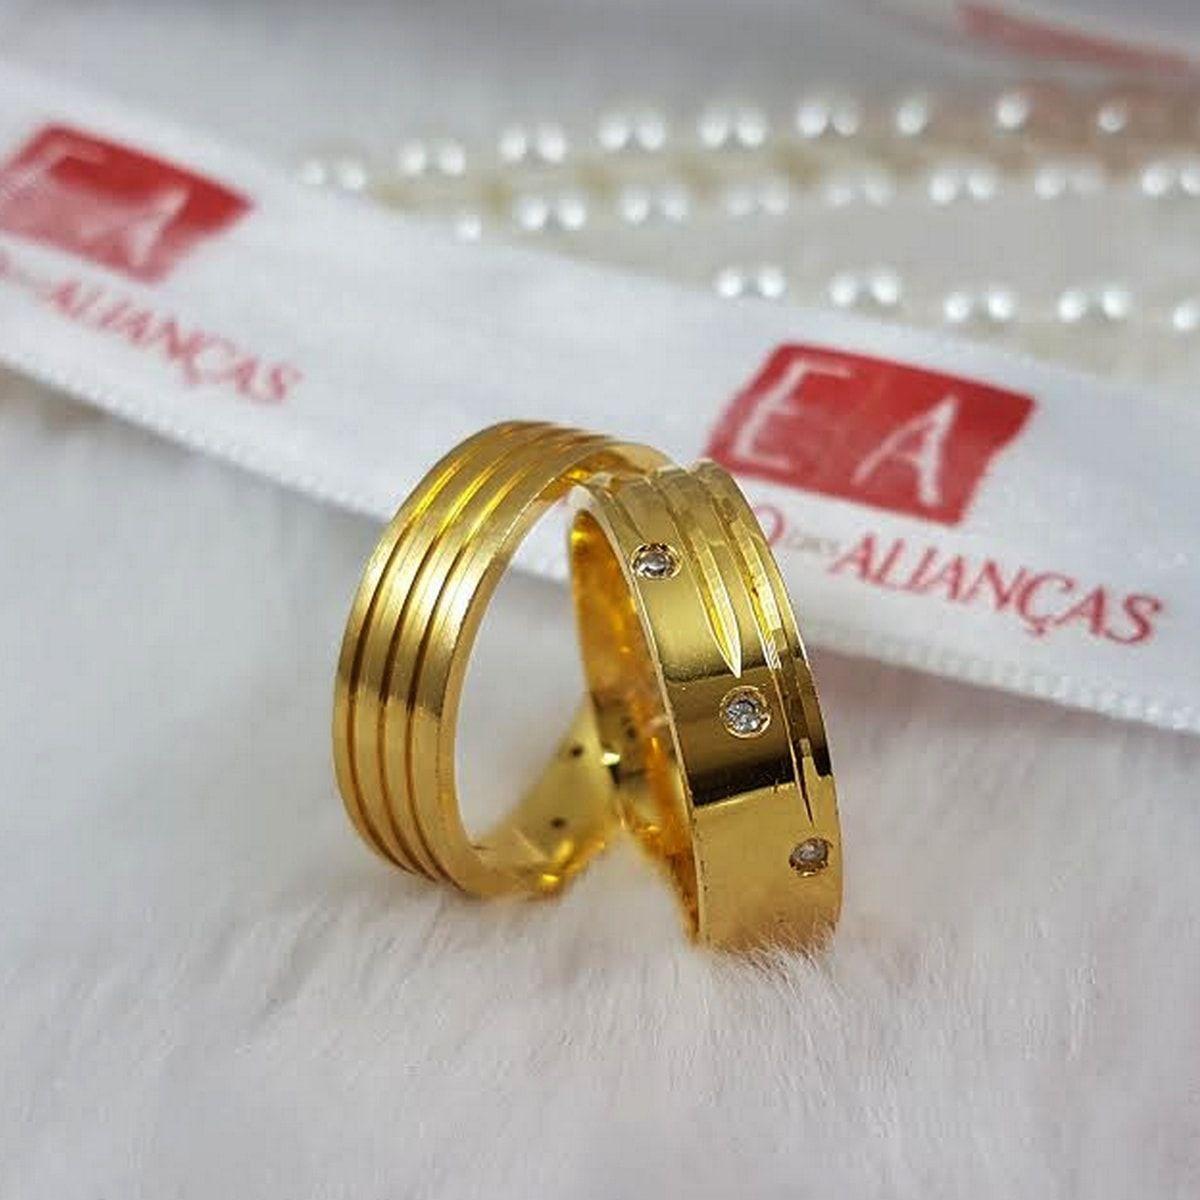 Alianças Ouro Noivado Casamento 18k Quadrada Lisa Trabalhada Pedra Zircônia 7mm 18 Gramas o Par